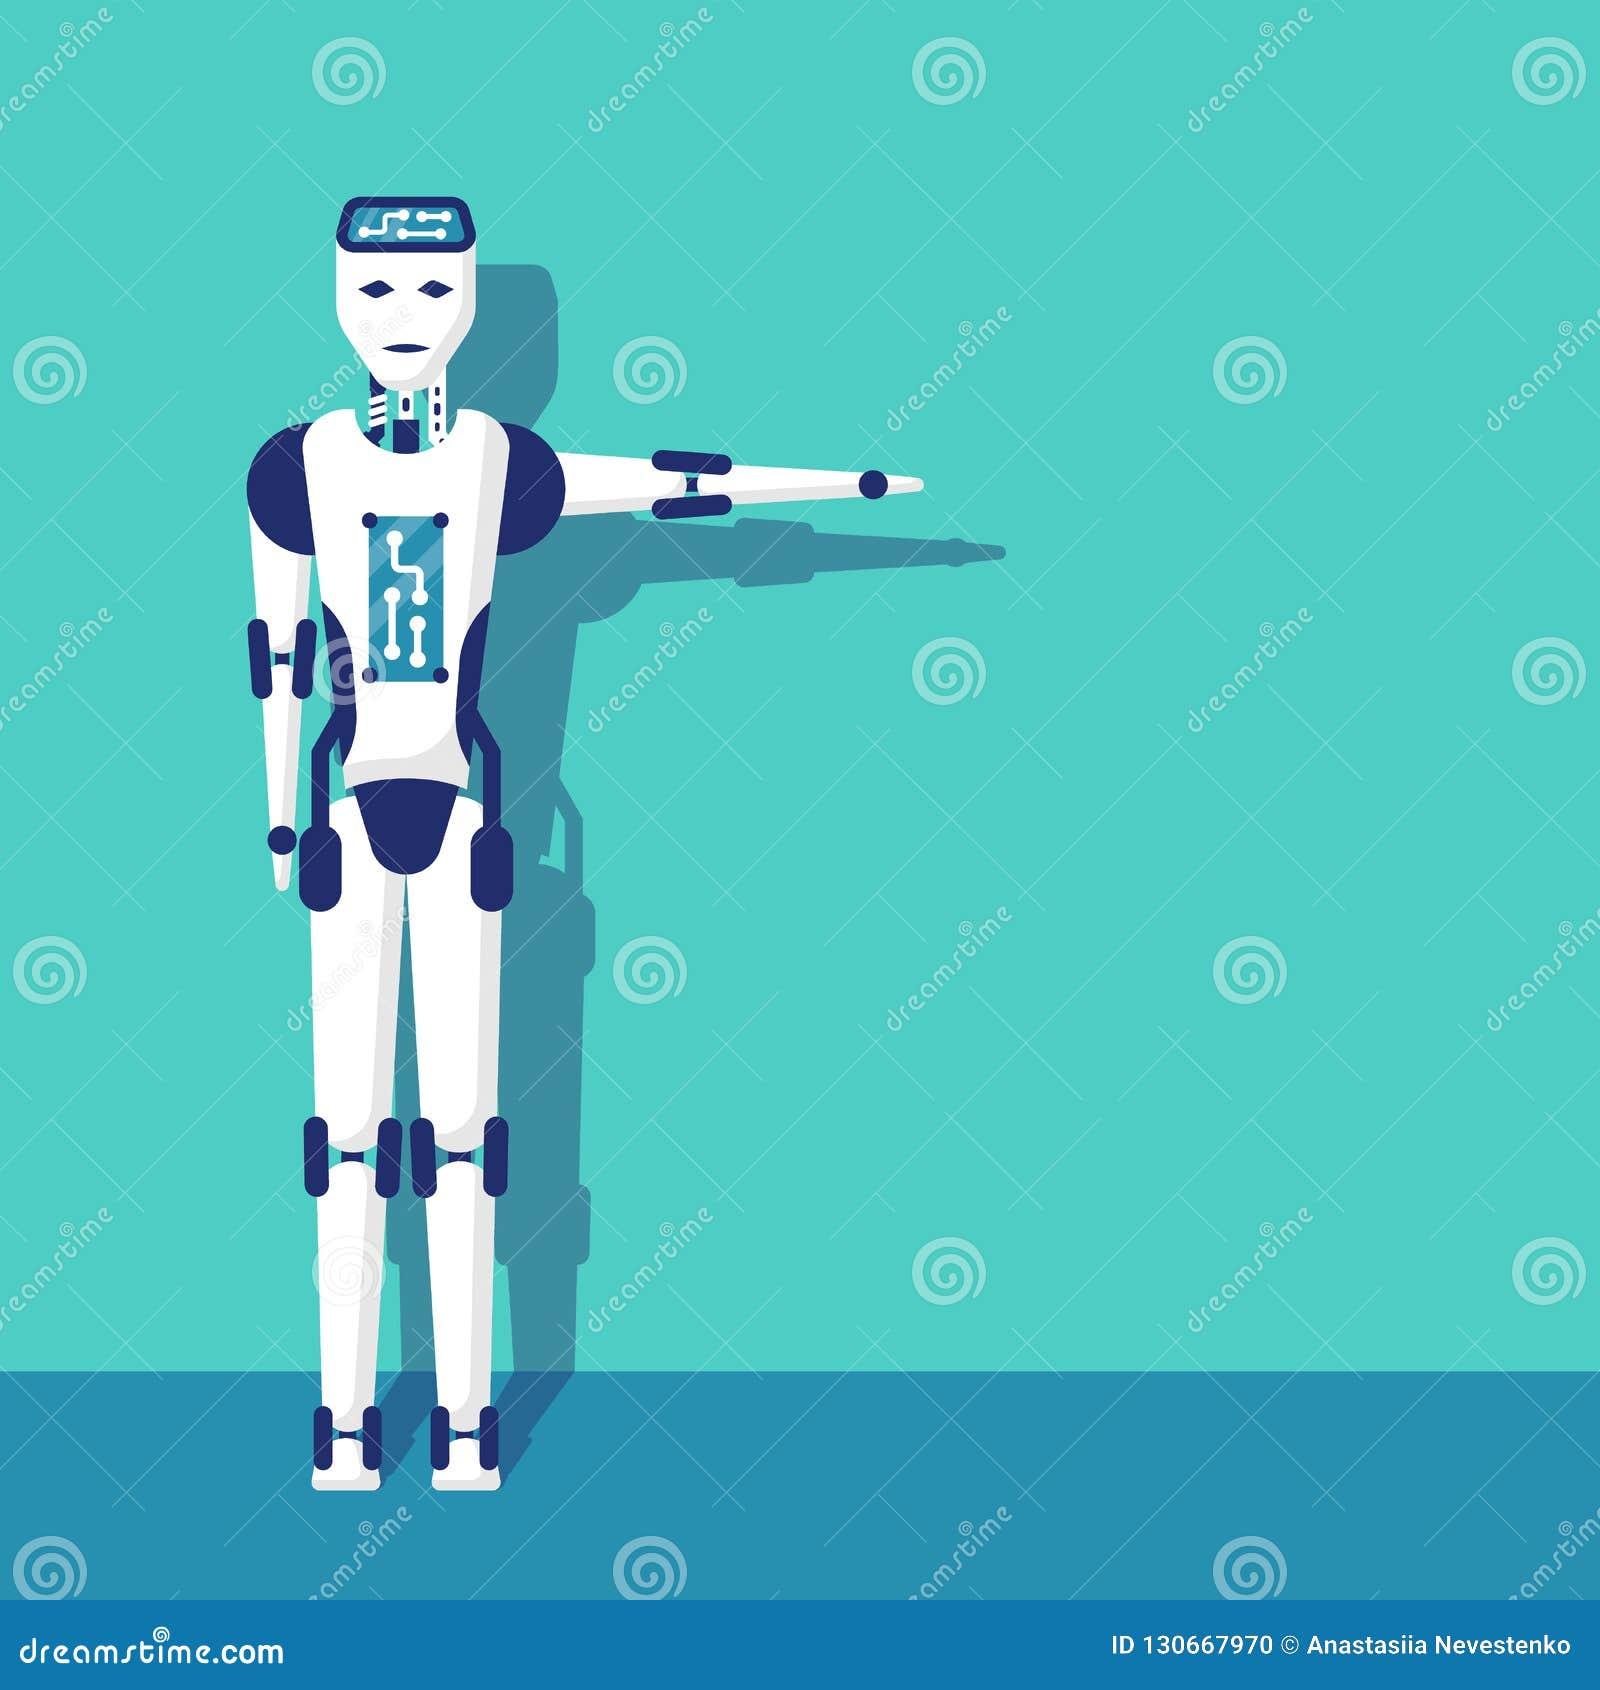 Sentido apontando do braço do robô